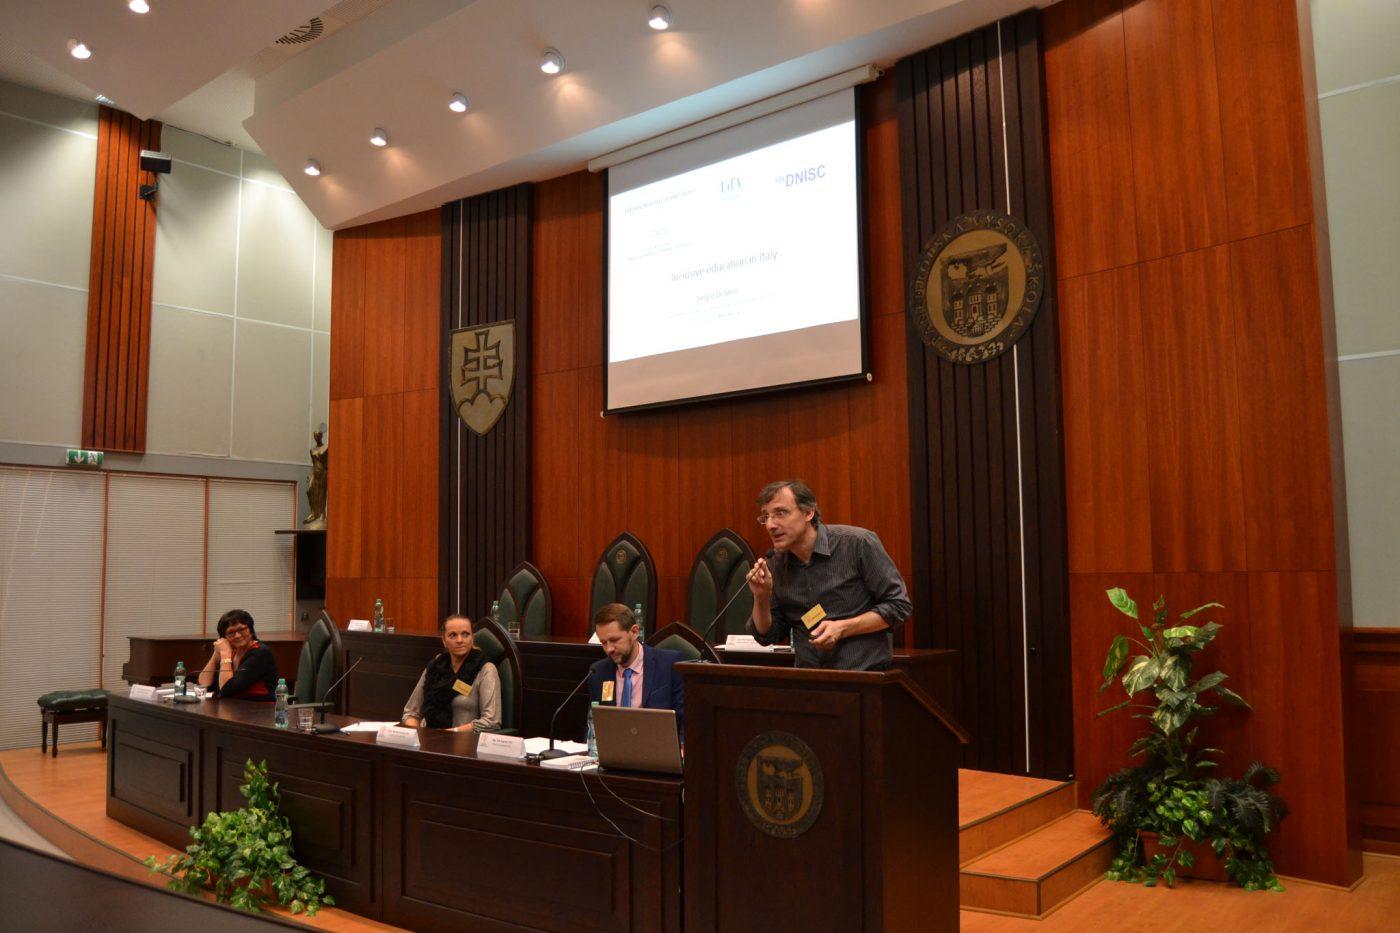 Konferencia Psychológia inkluzívnej školy - fotogaléria_ (13)